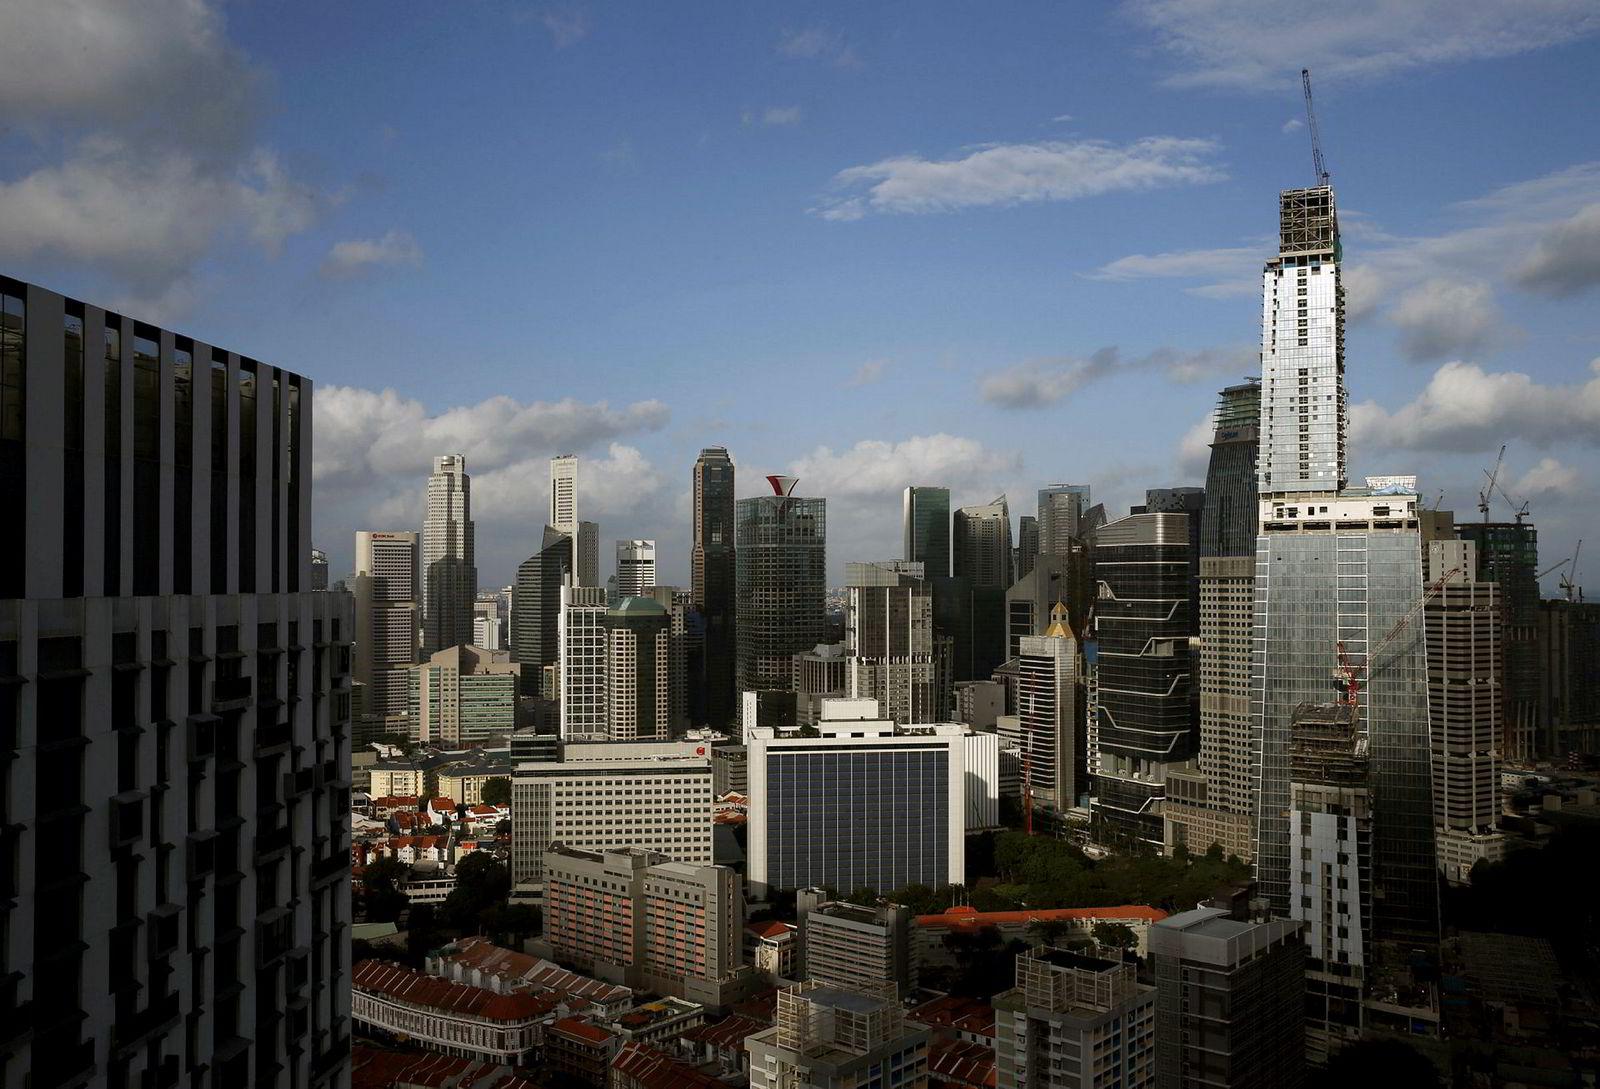 Byggingen av Wallich Residence og Tanjon Pagar Centre (til høyre) strekker seg mot himmelen i Singapores forretningsdistrikt.